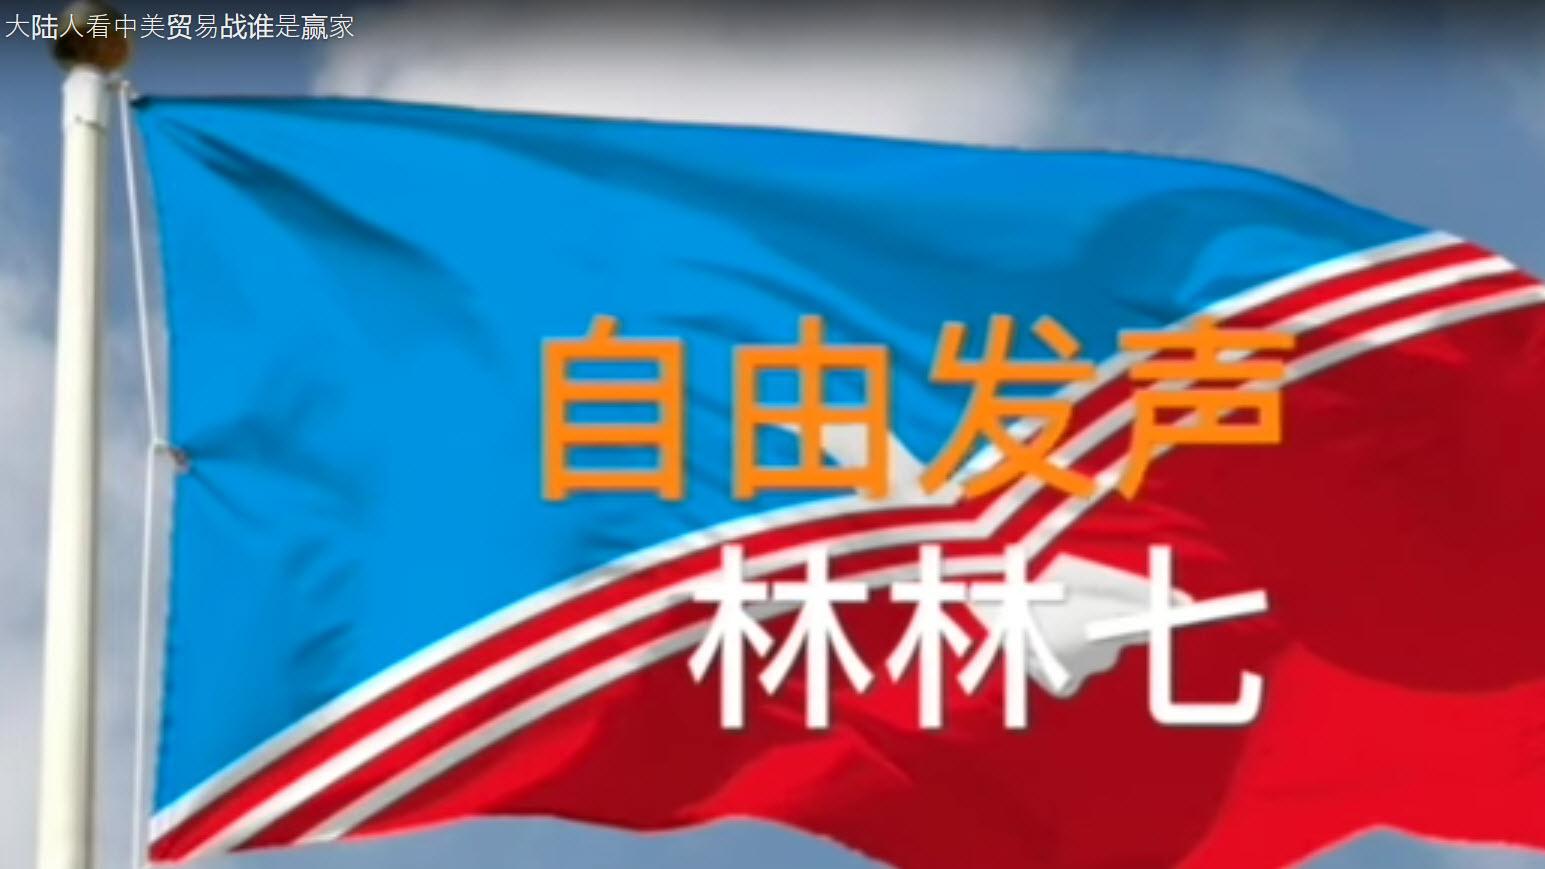 【林林七】,YouTube一档翻墙自中国大陆的时事政治自媒体节目,拥有订阅者近两万。(视频截图)